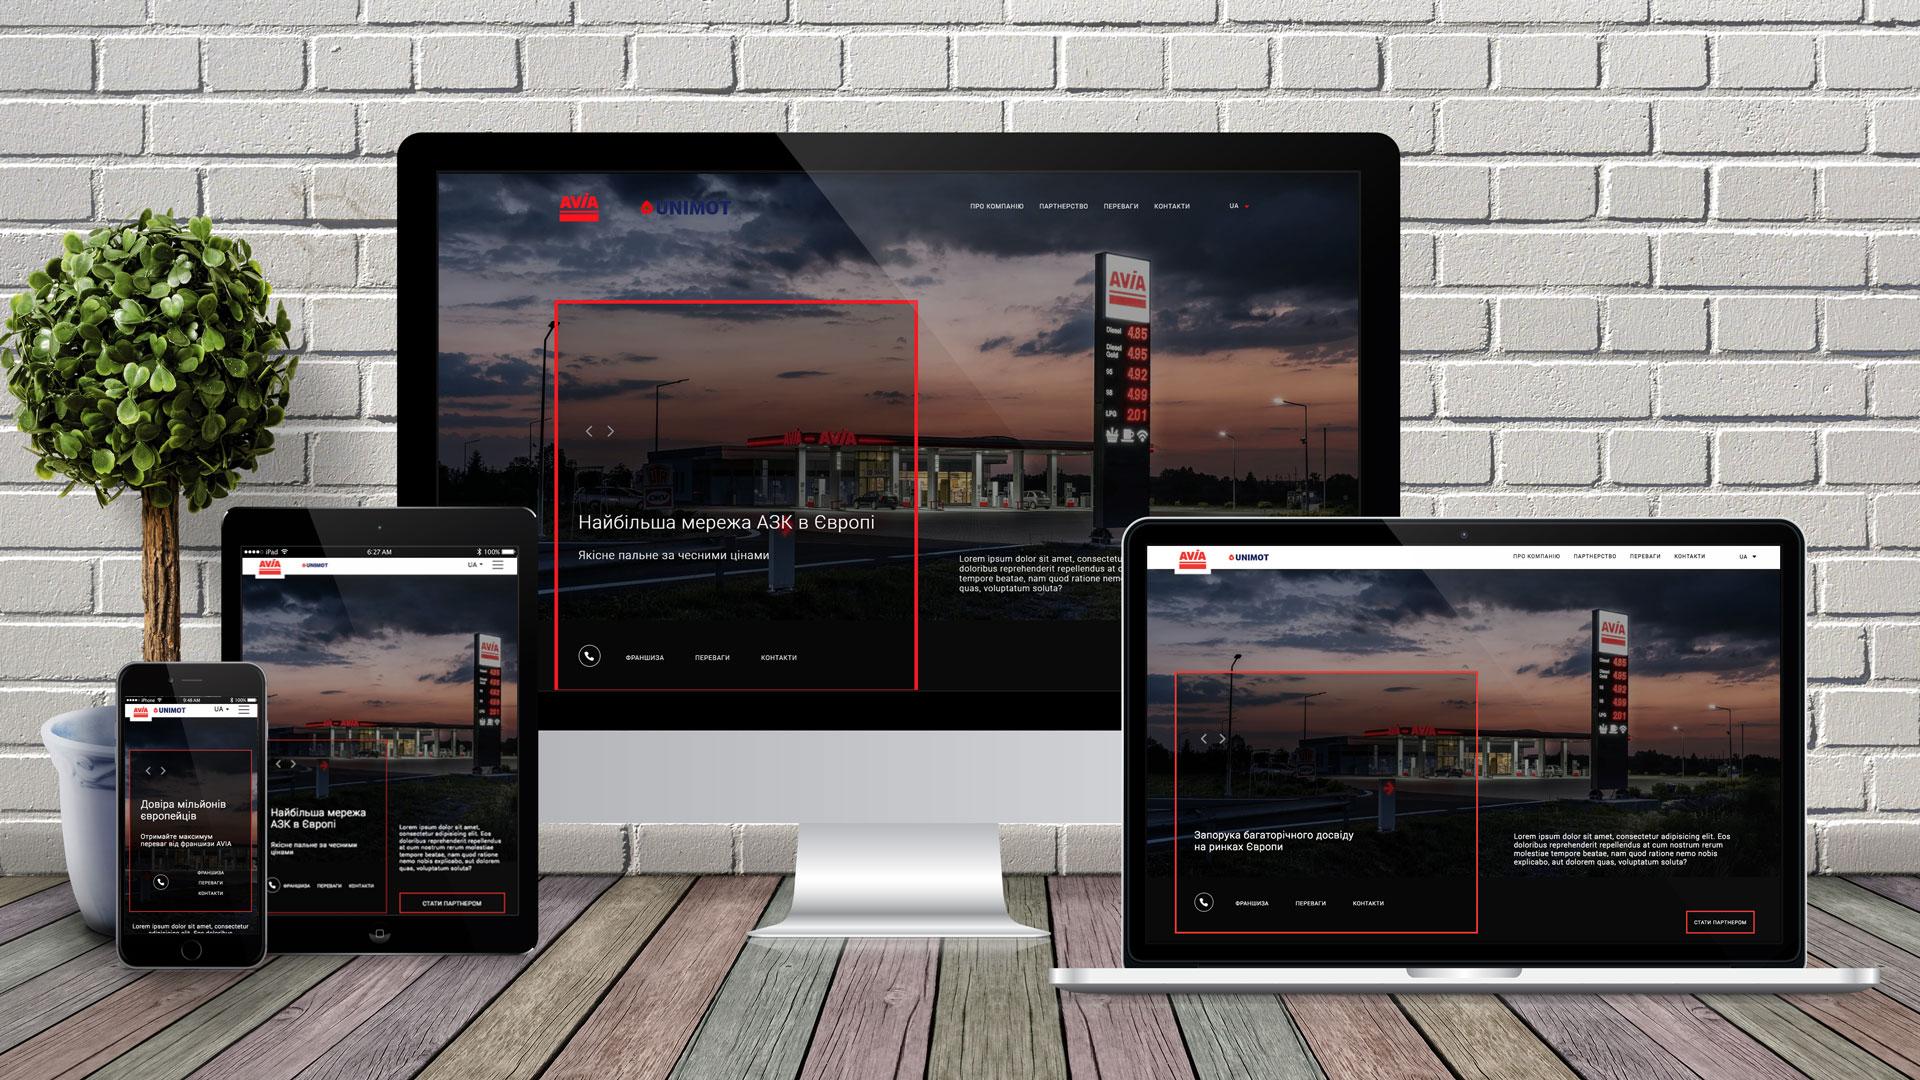 Сайт — візитка Avia-unimot